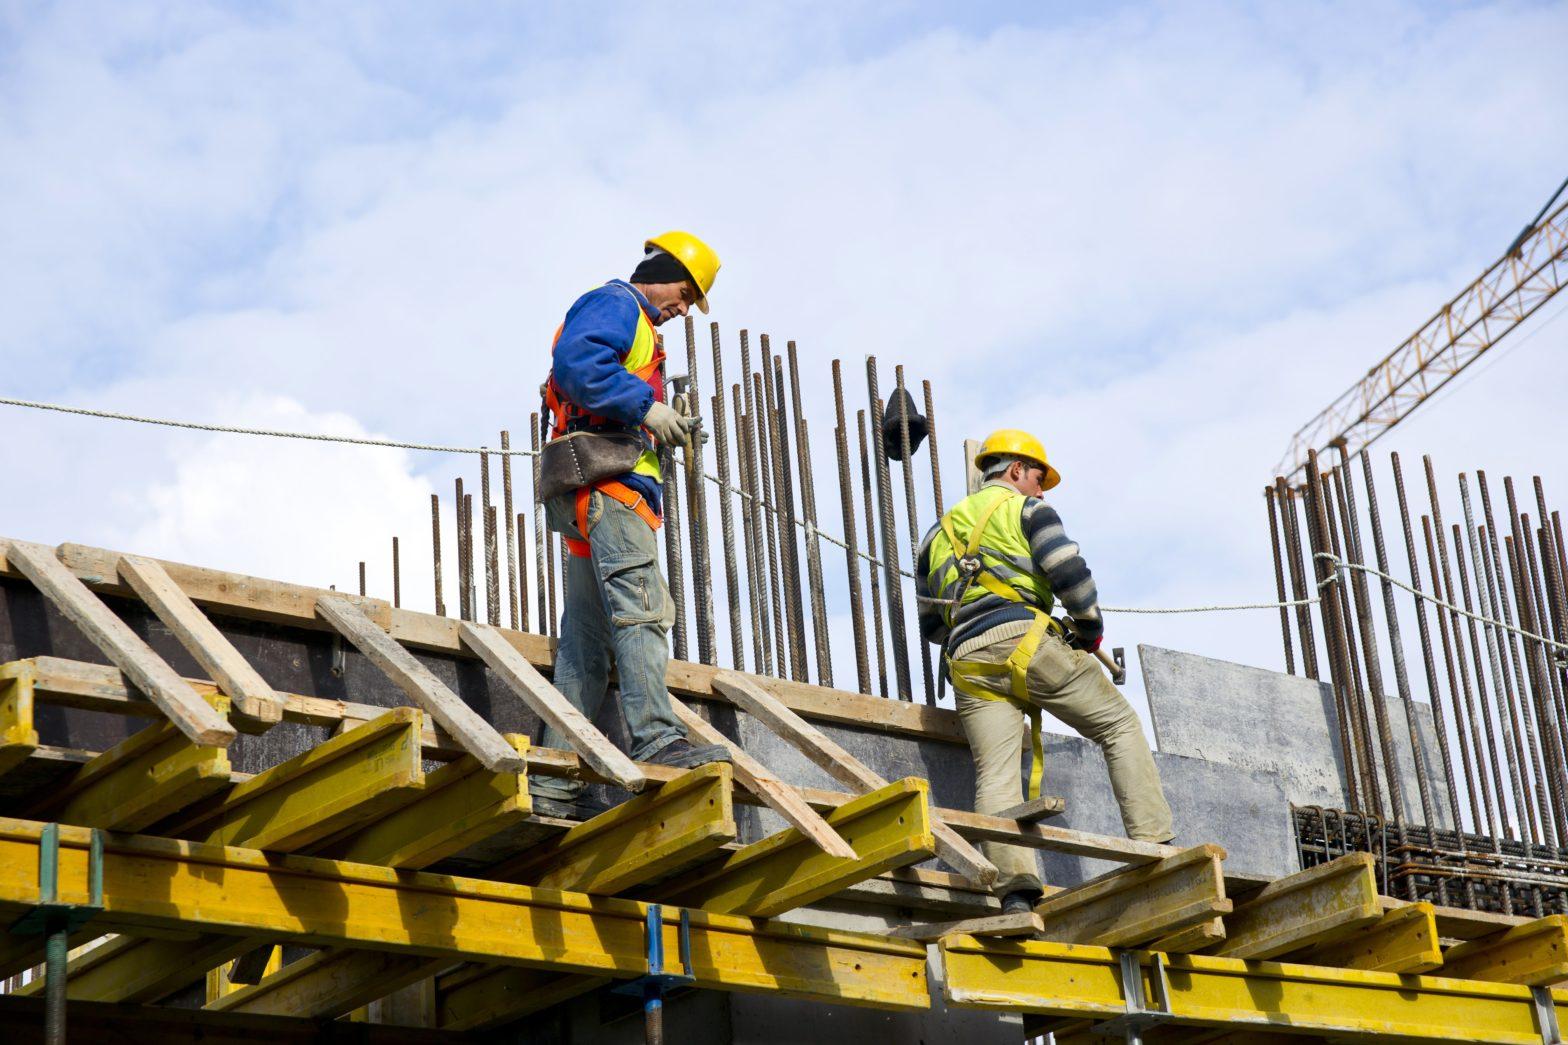 zarobki pracowników budowlanych w Niemczech